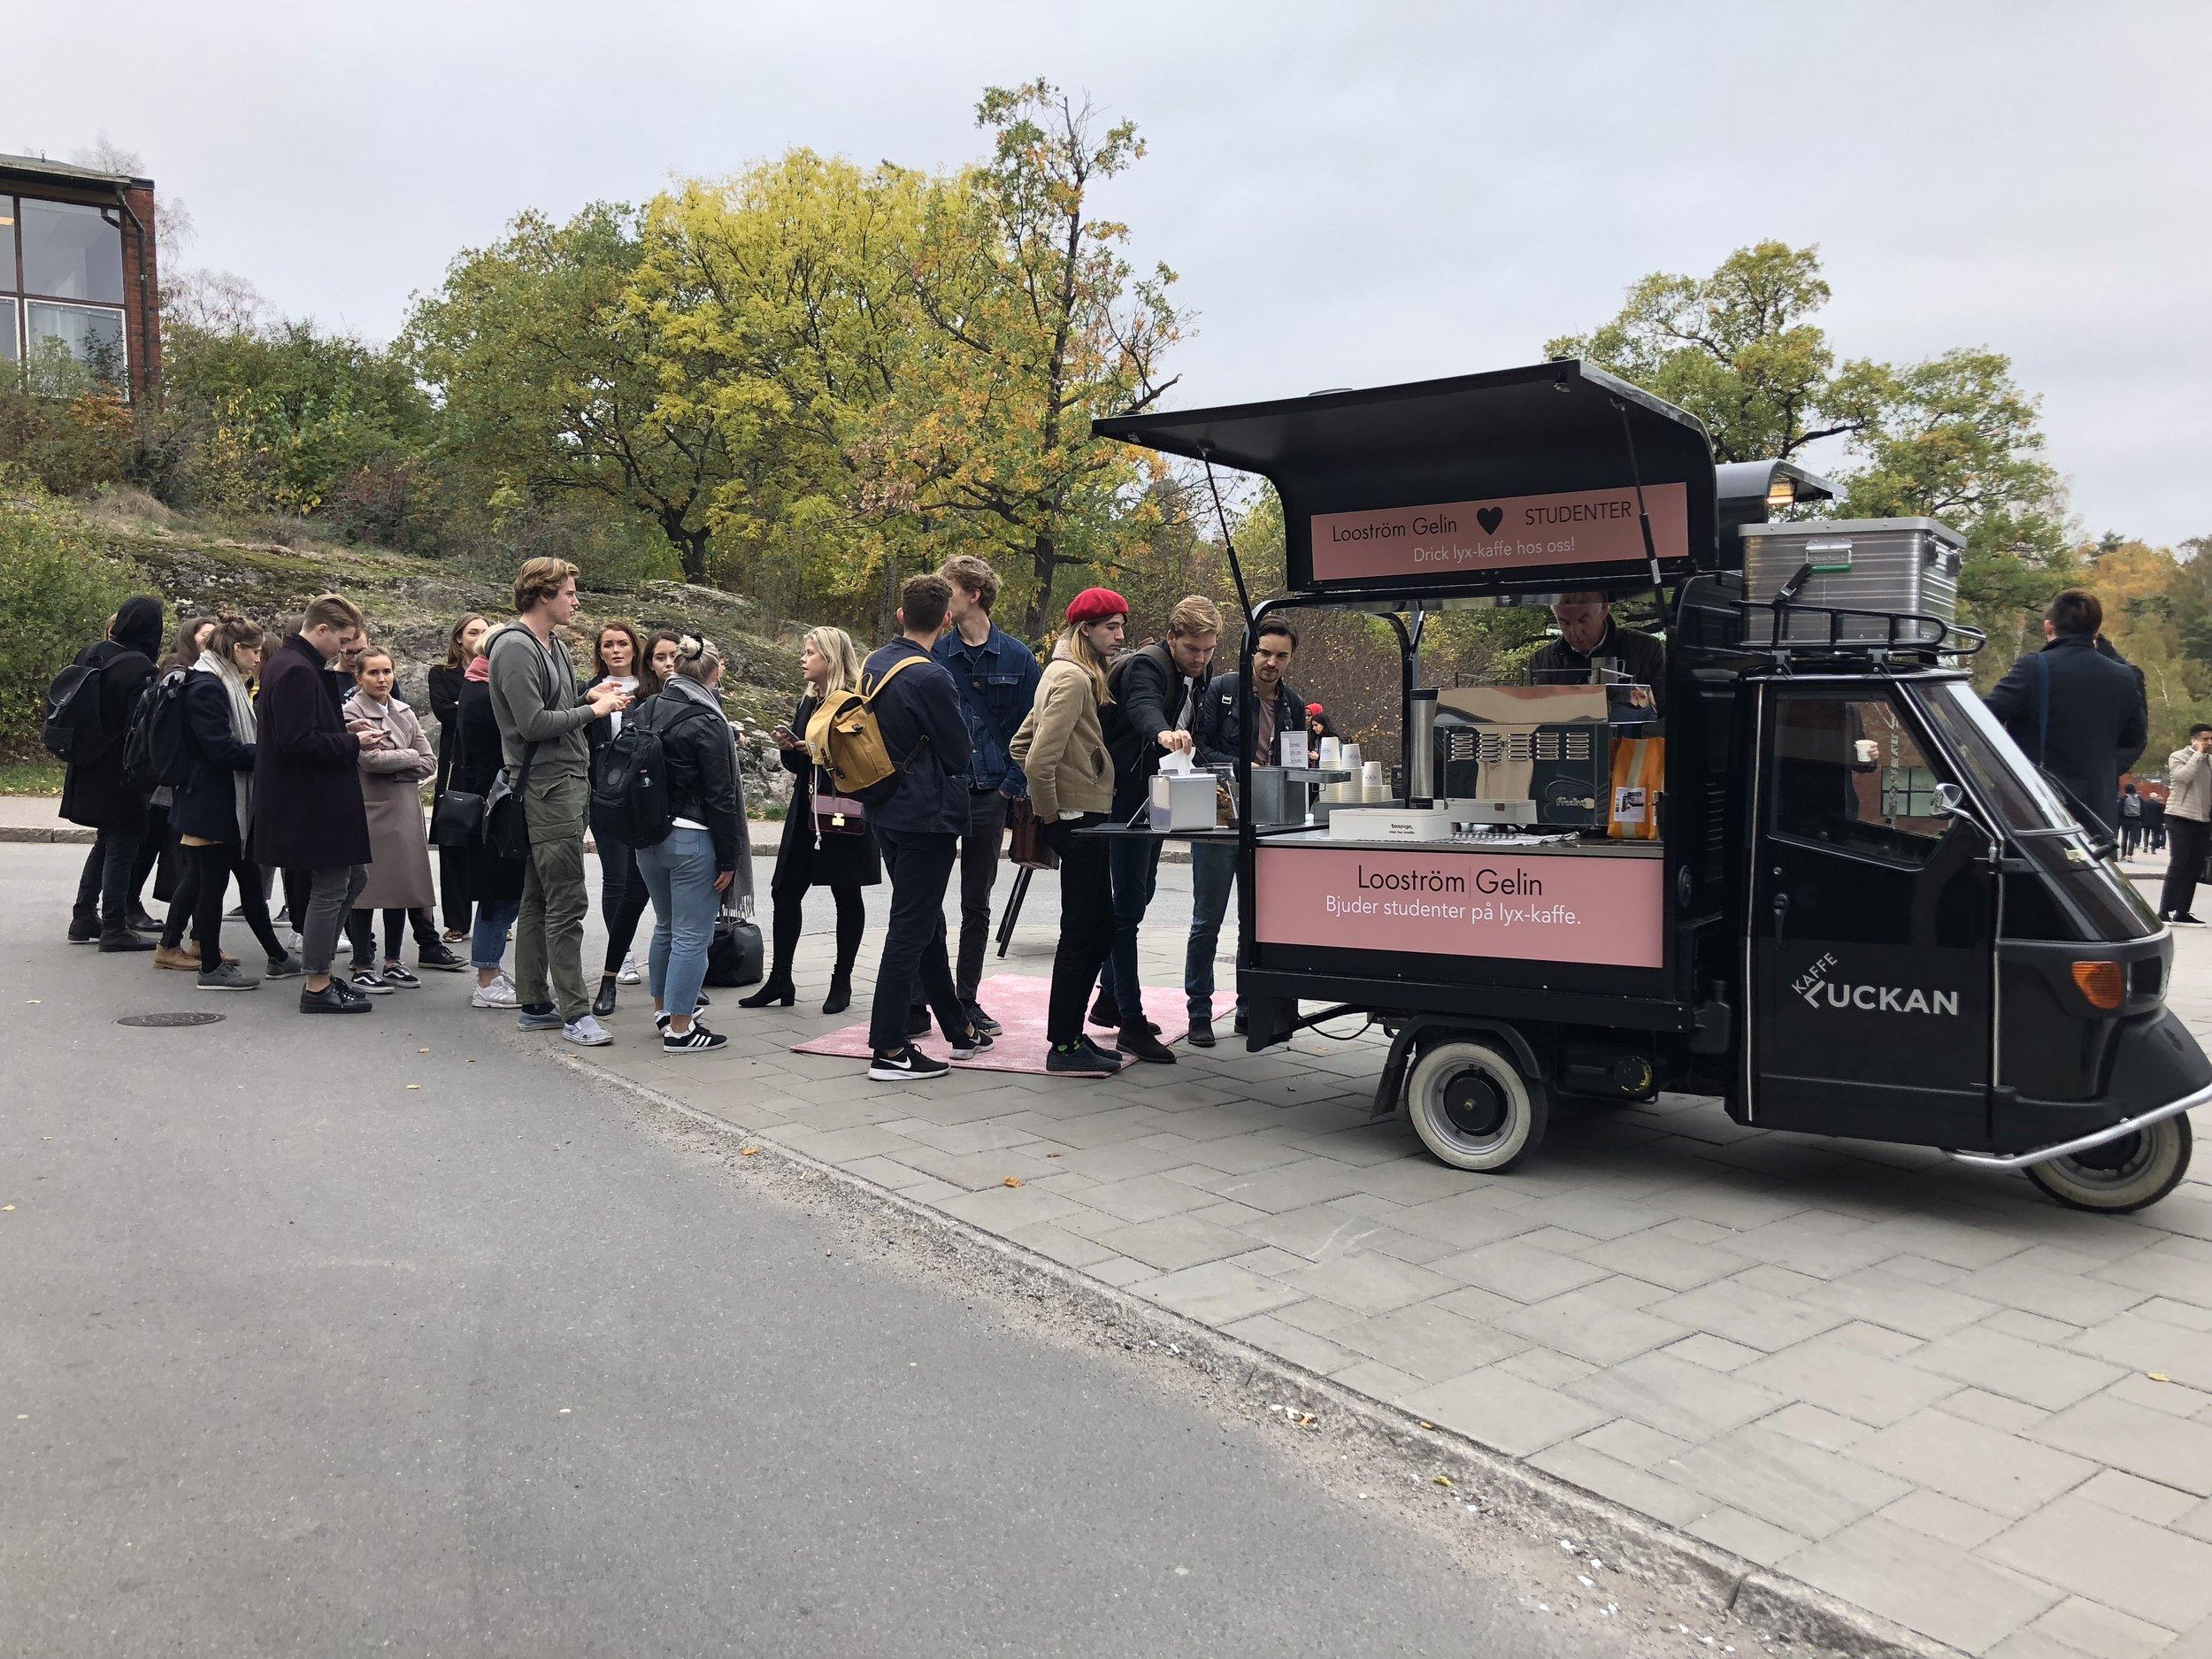 Kaffeattack på KTH 2018 - Looström bjuder studenter på lyx-kaffe och pratar framtid med studenter på Kungliga tekniska högskolan.